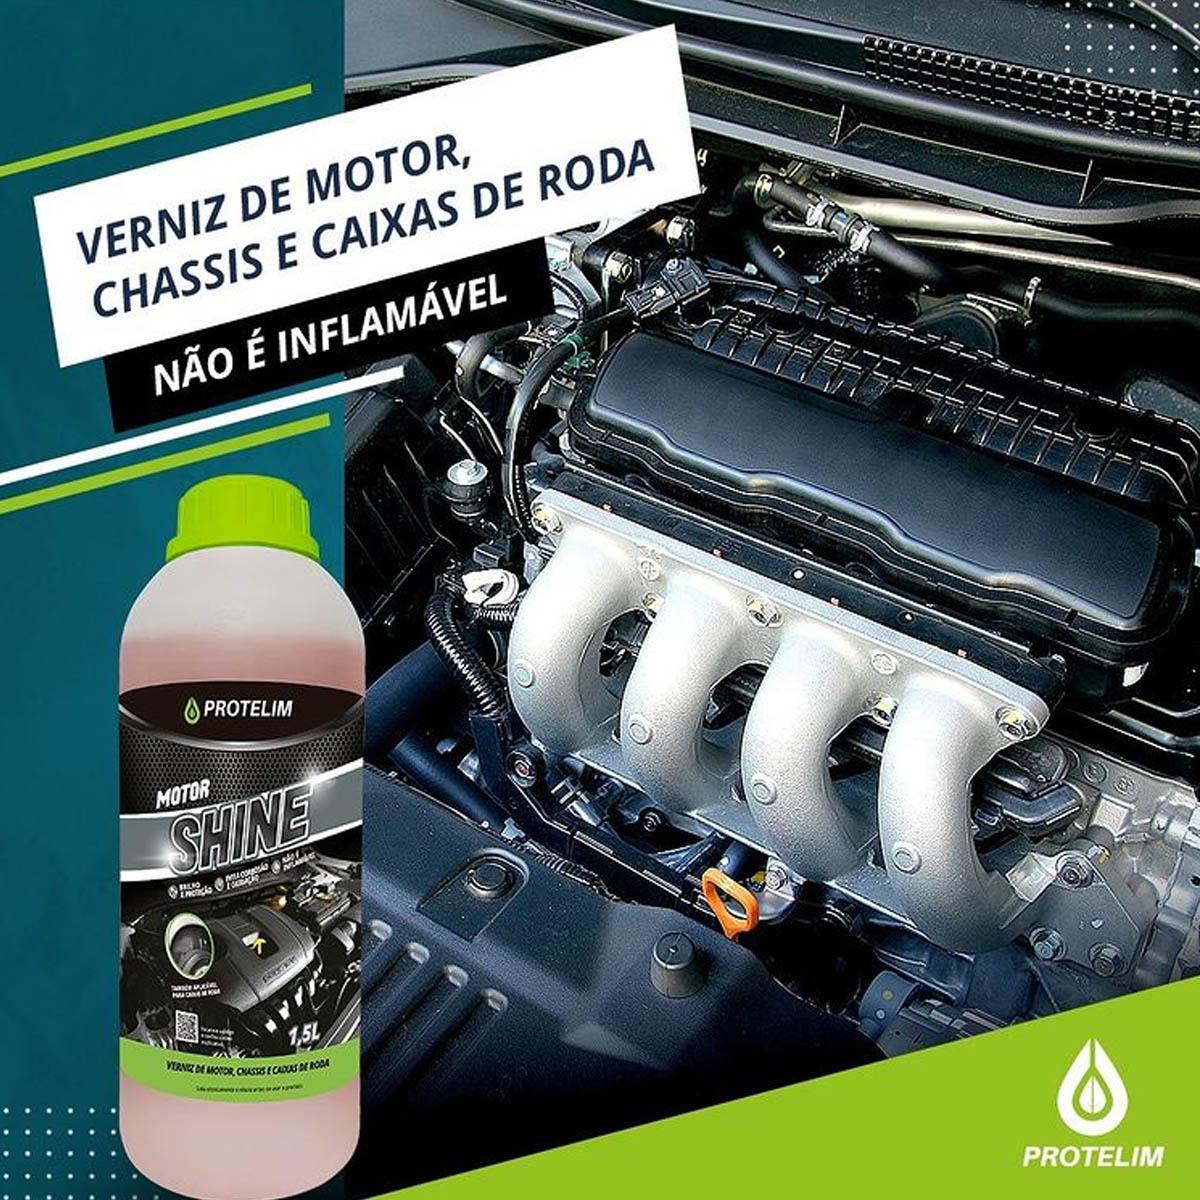 Verniz De Motor Protelim Motor Shine 1,5l Protelim